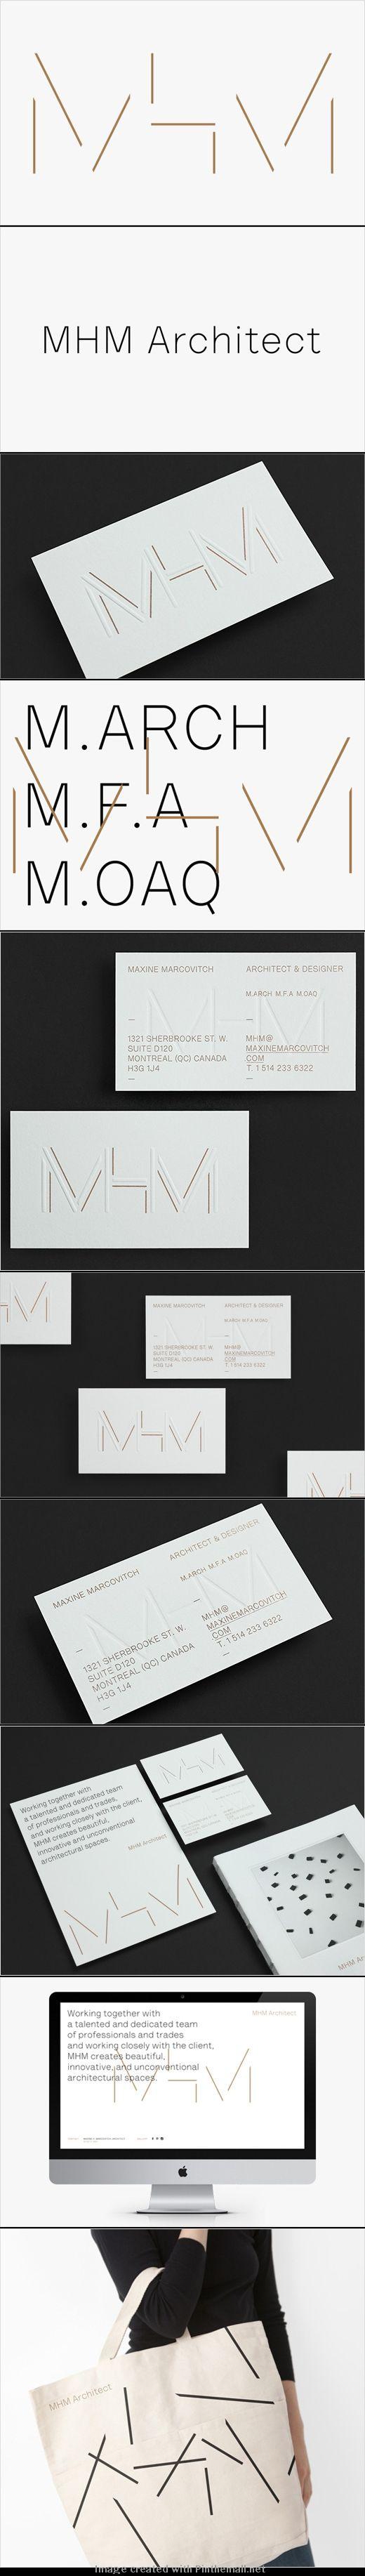 MHM Architect /Emanuel Cohen